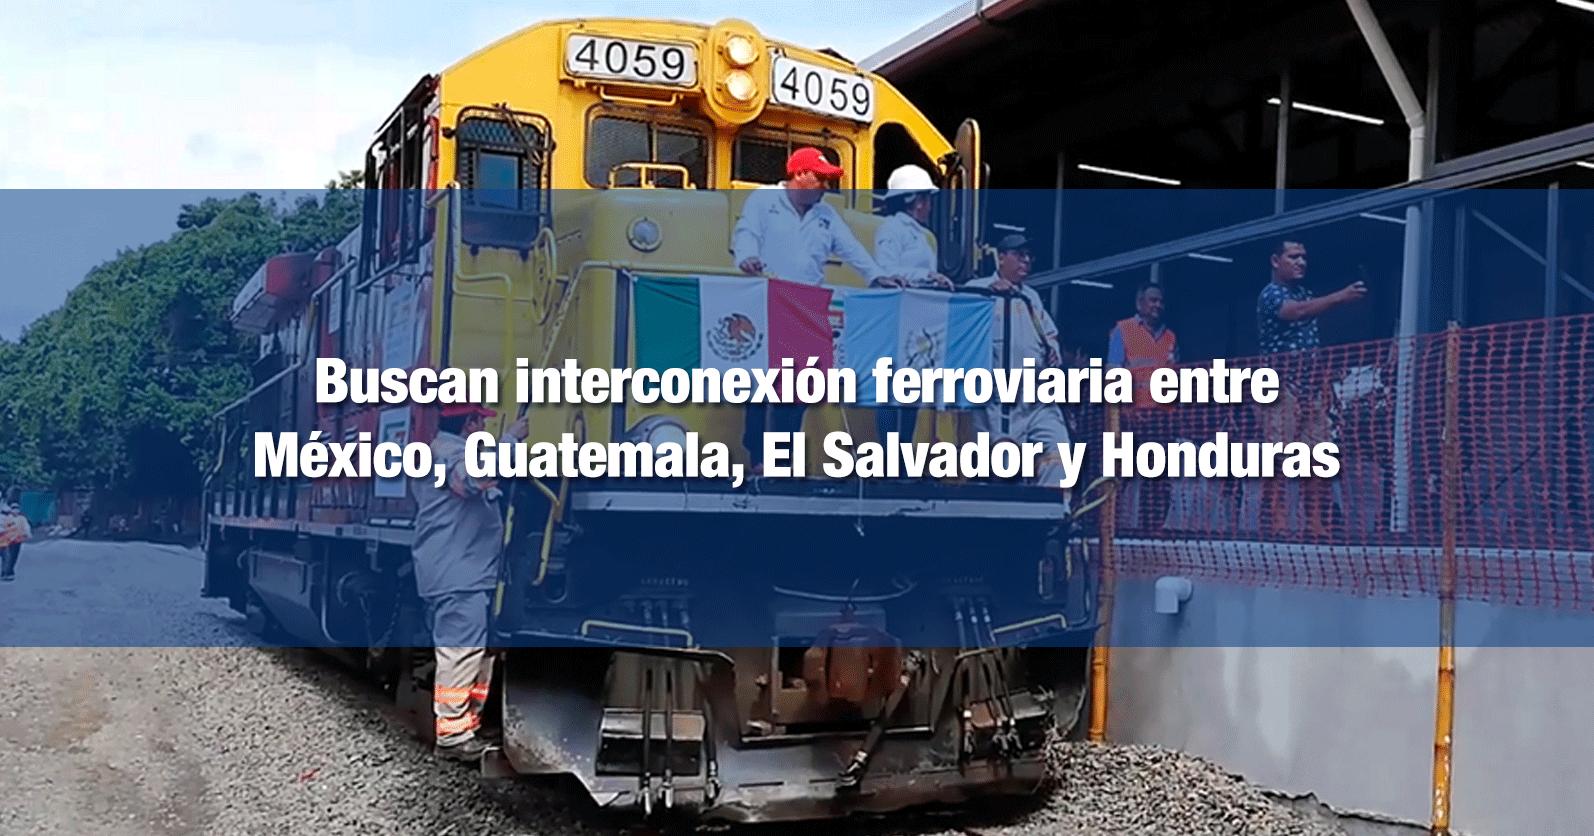 Buscan interconexión ferroviaria entre México, Guatemala, El Salvador y Honduras